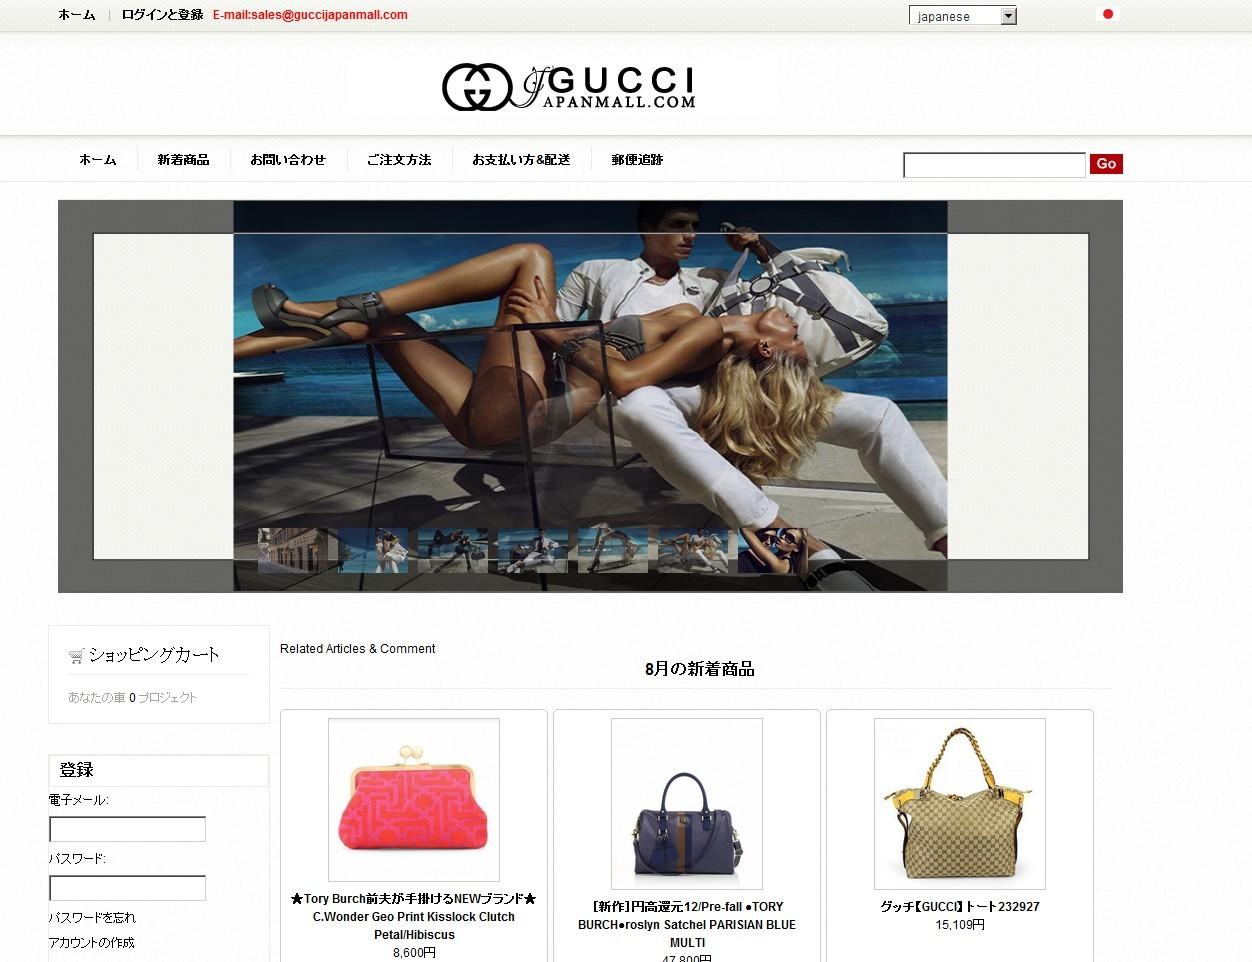 new product 81f5d fe1c3 グッチ ベルト,グッチ ポーチ 新作,グッチ ピアス,グッチ シマ ...